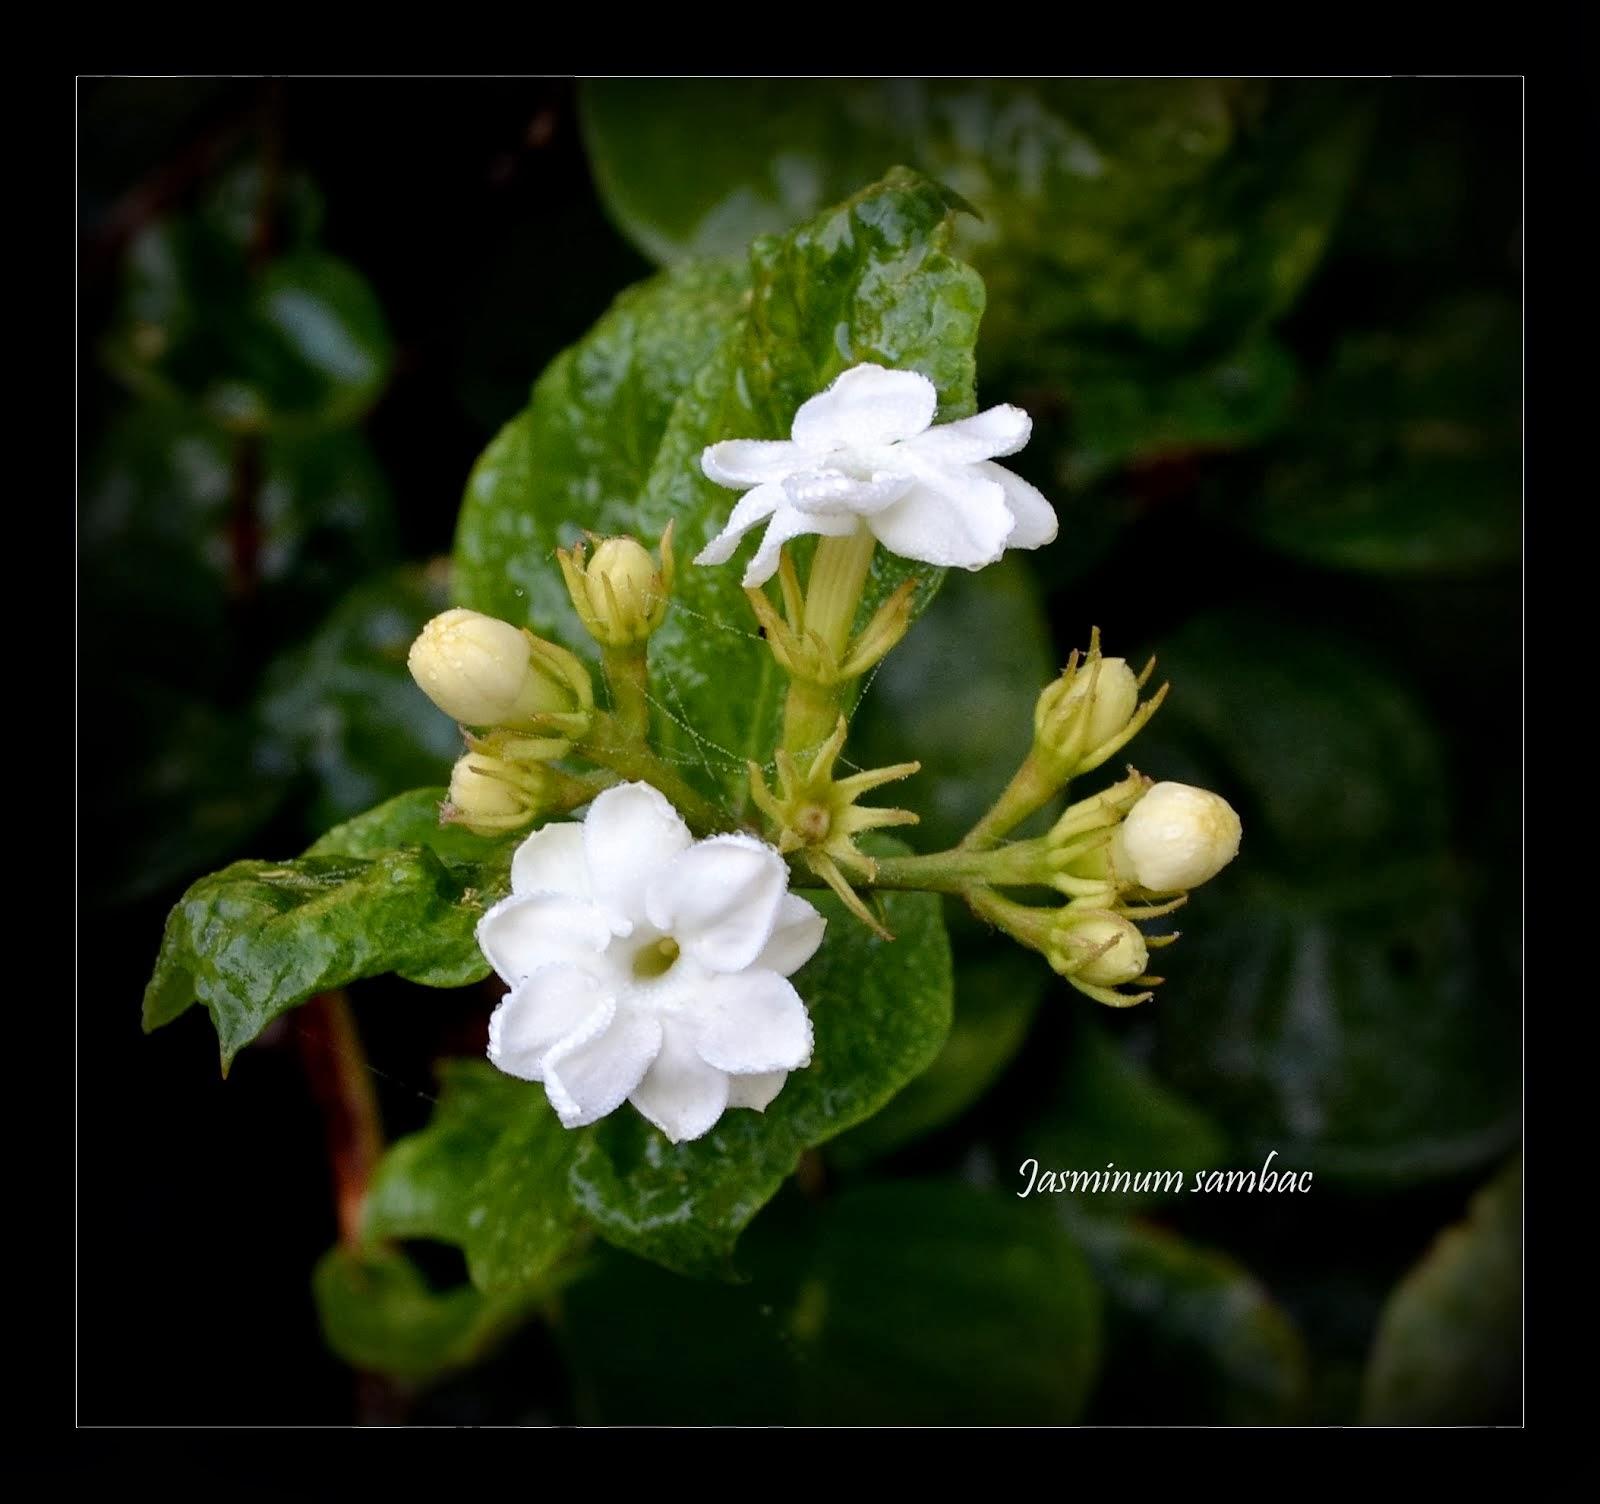 Sambac Jasmine